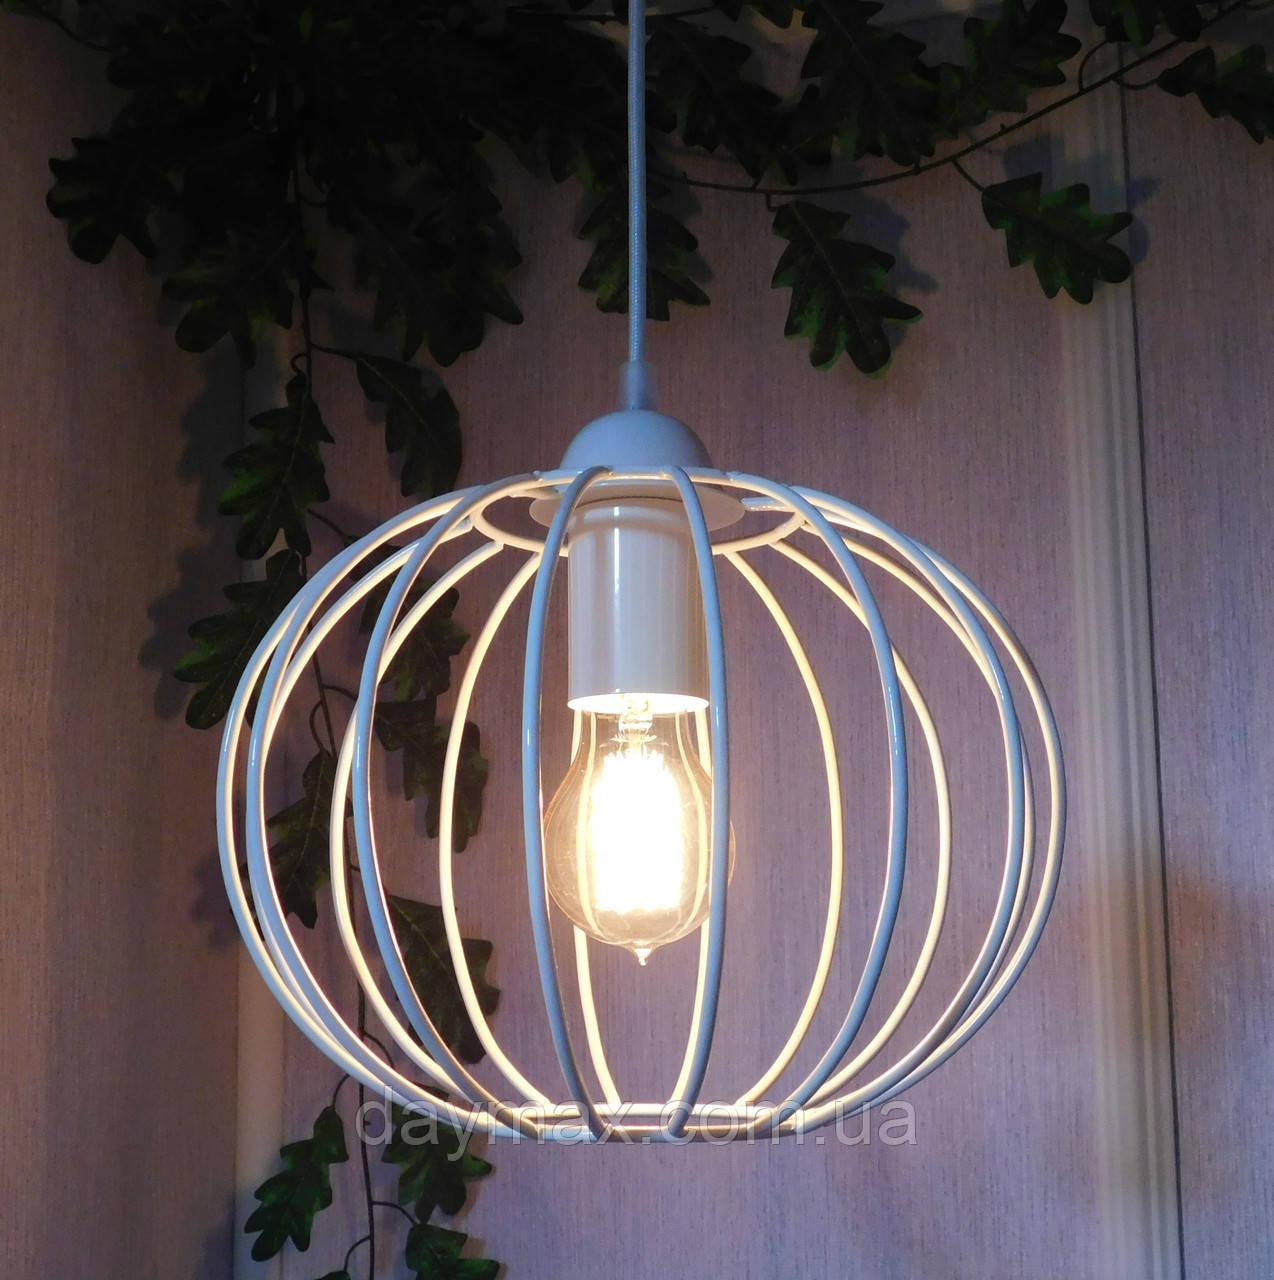 """Подвесной металлический светильник, современный стиль, loft, vintage, modern style """"ARC-W"""" Е27  белый цвет"""